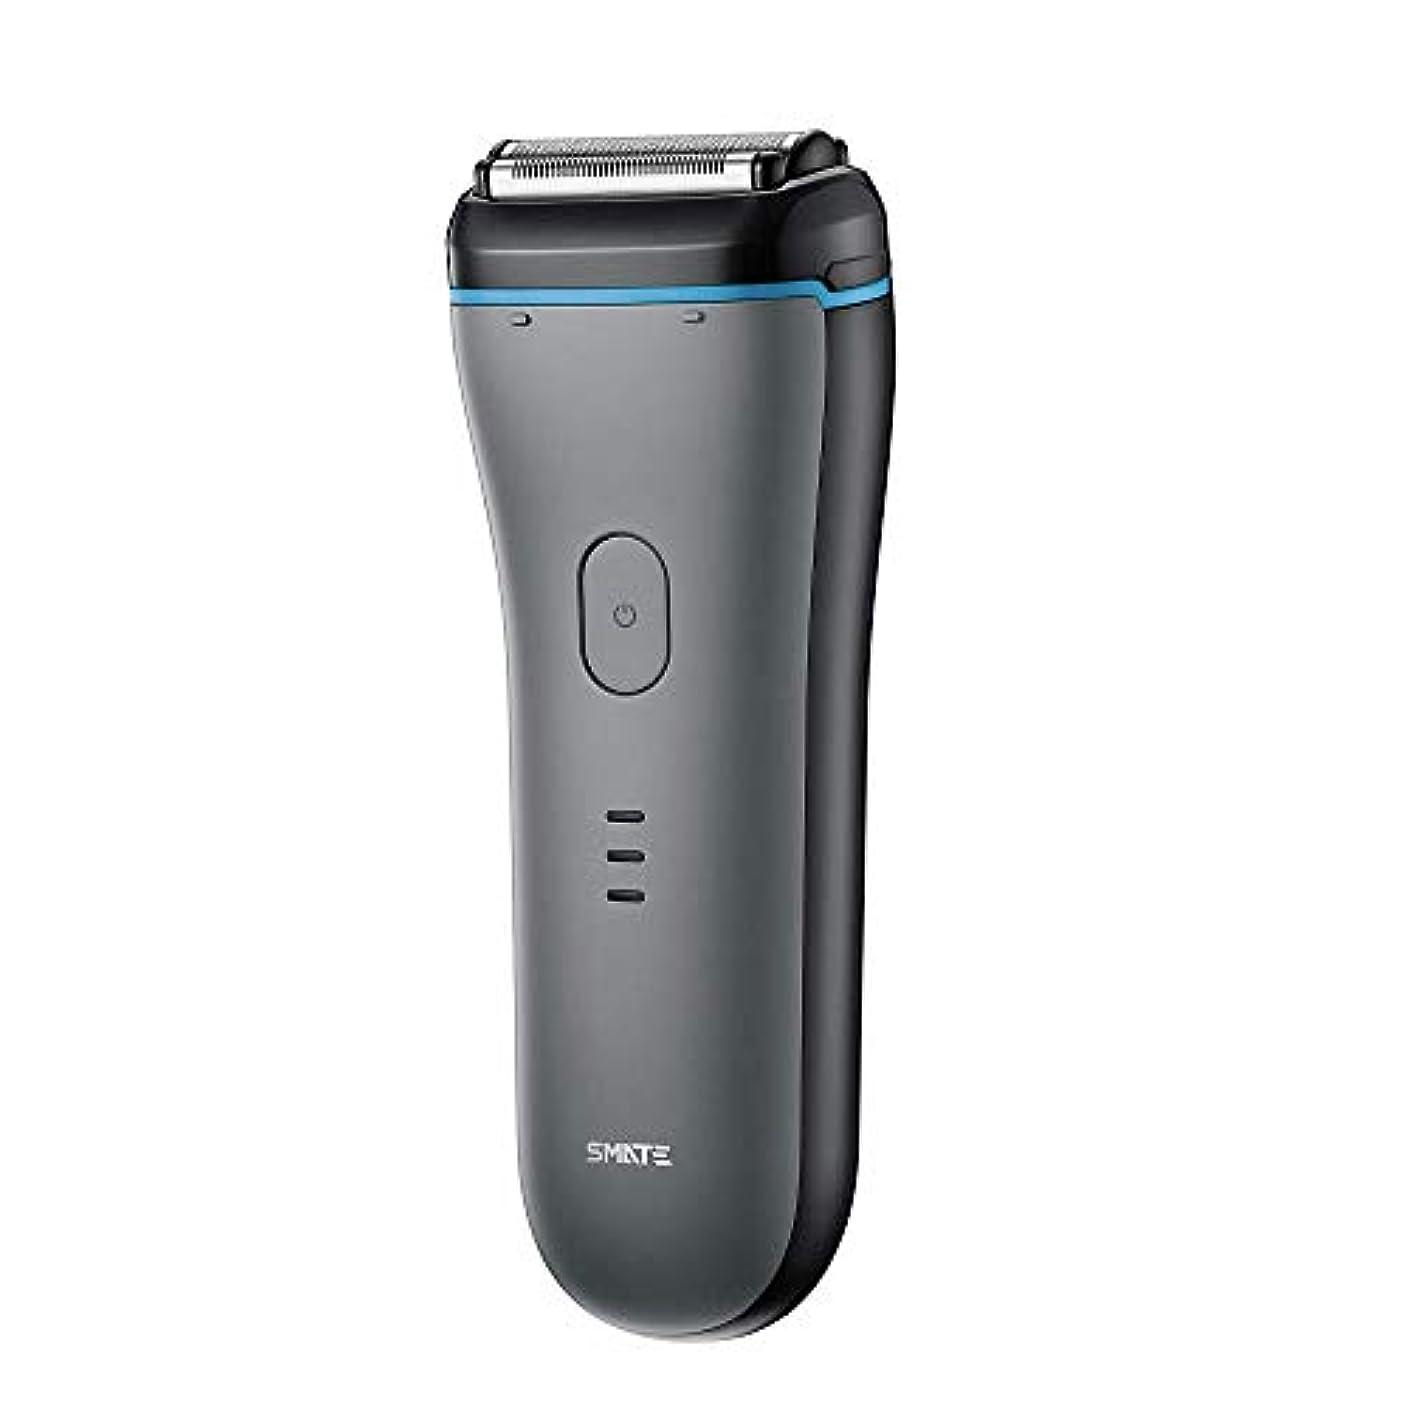 面白いキモい満足SMATE ひげそり メンズ電気シェーパー 三枚刃往復式 USB充電式 電動髭剃り IPX7防水仕様 水洗い可 お風呂剃り可 乾湿両用-ブラック